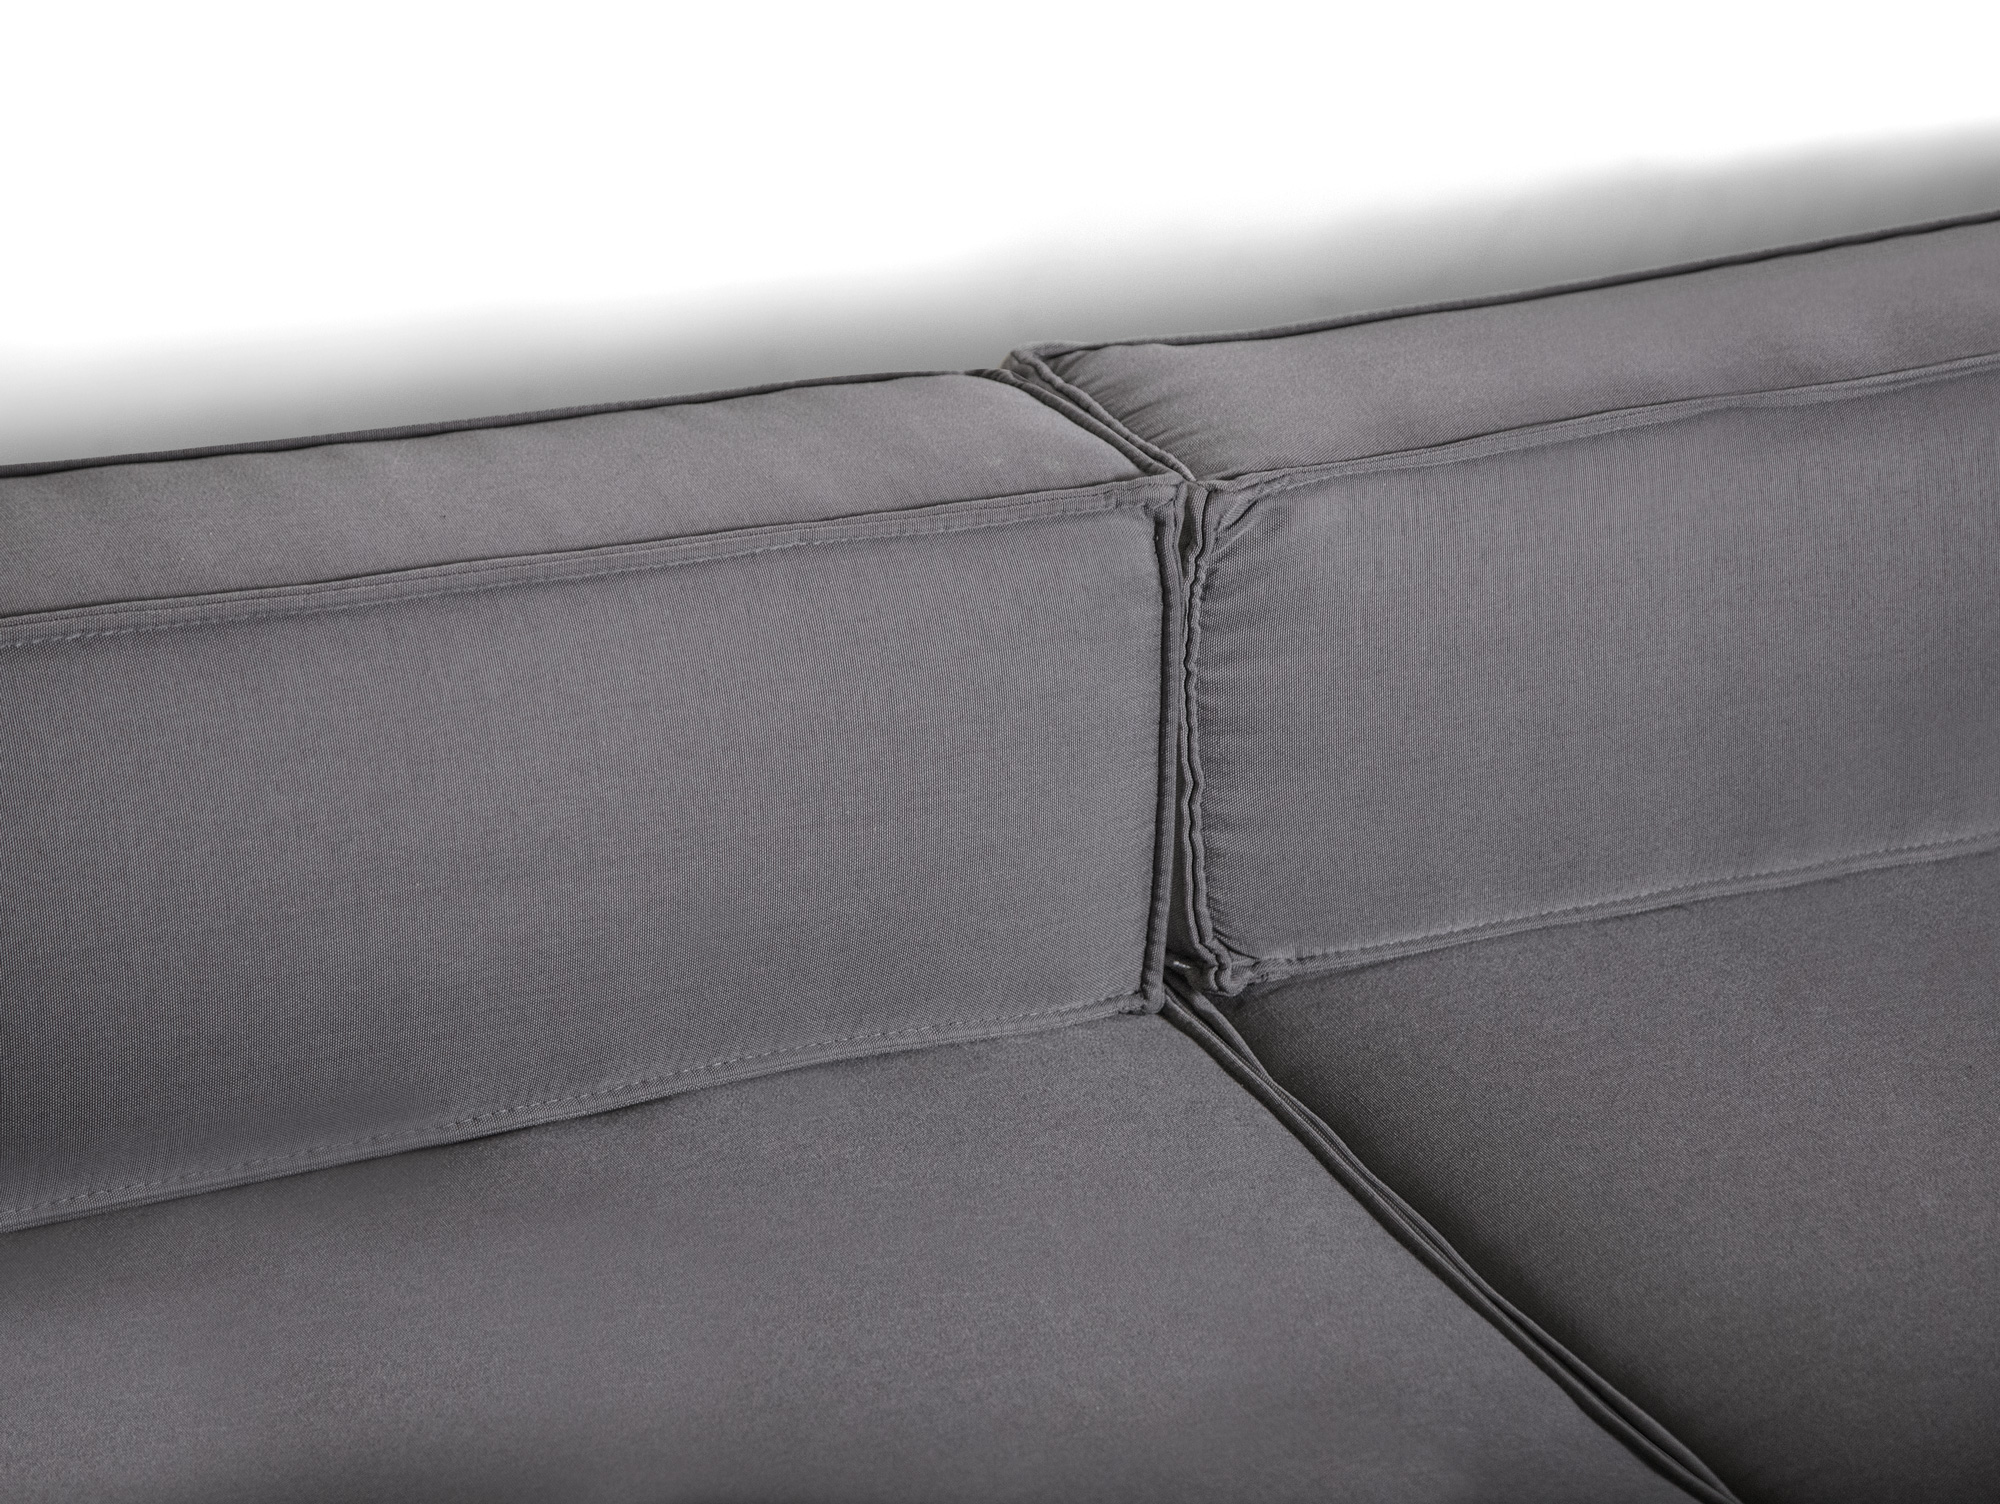 outdoor paletti 3 sitzer m ottomane europaletten weiss mit wasserfesten polstern. Black Bedroom Furniture Sets. Home Design Ideas